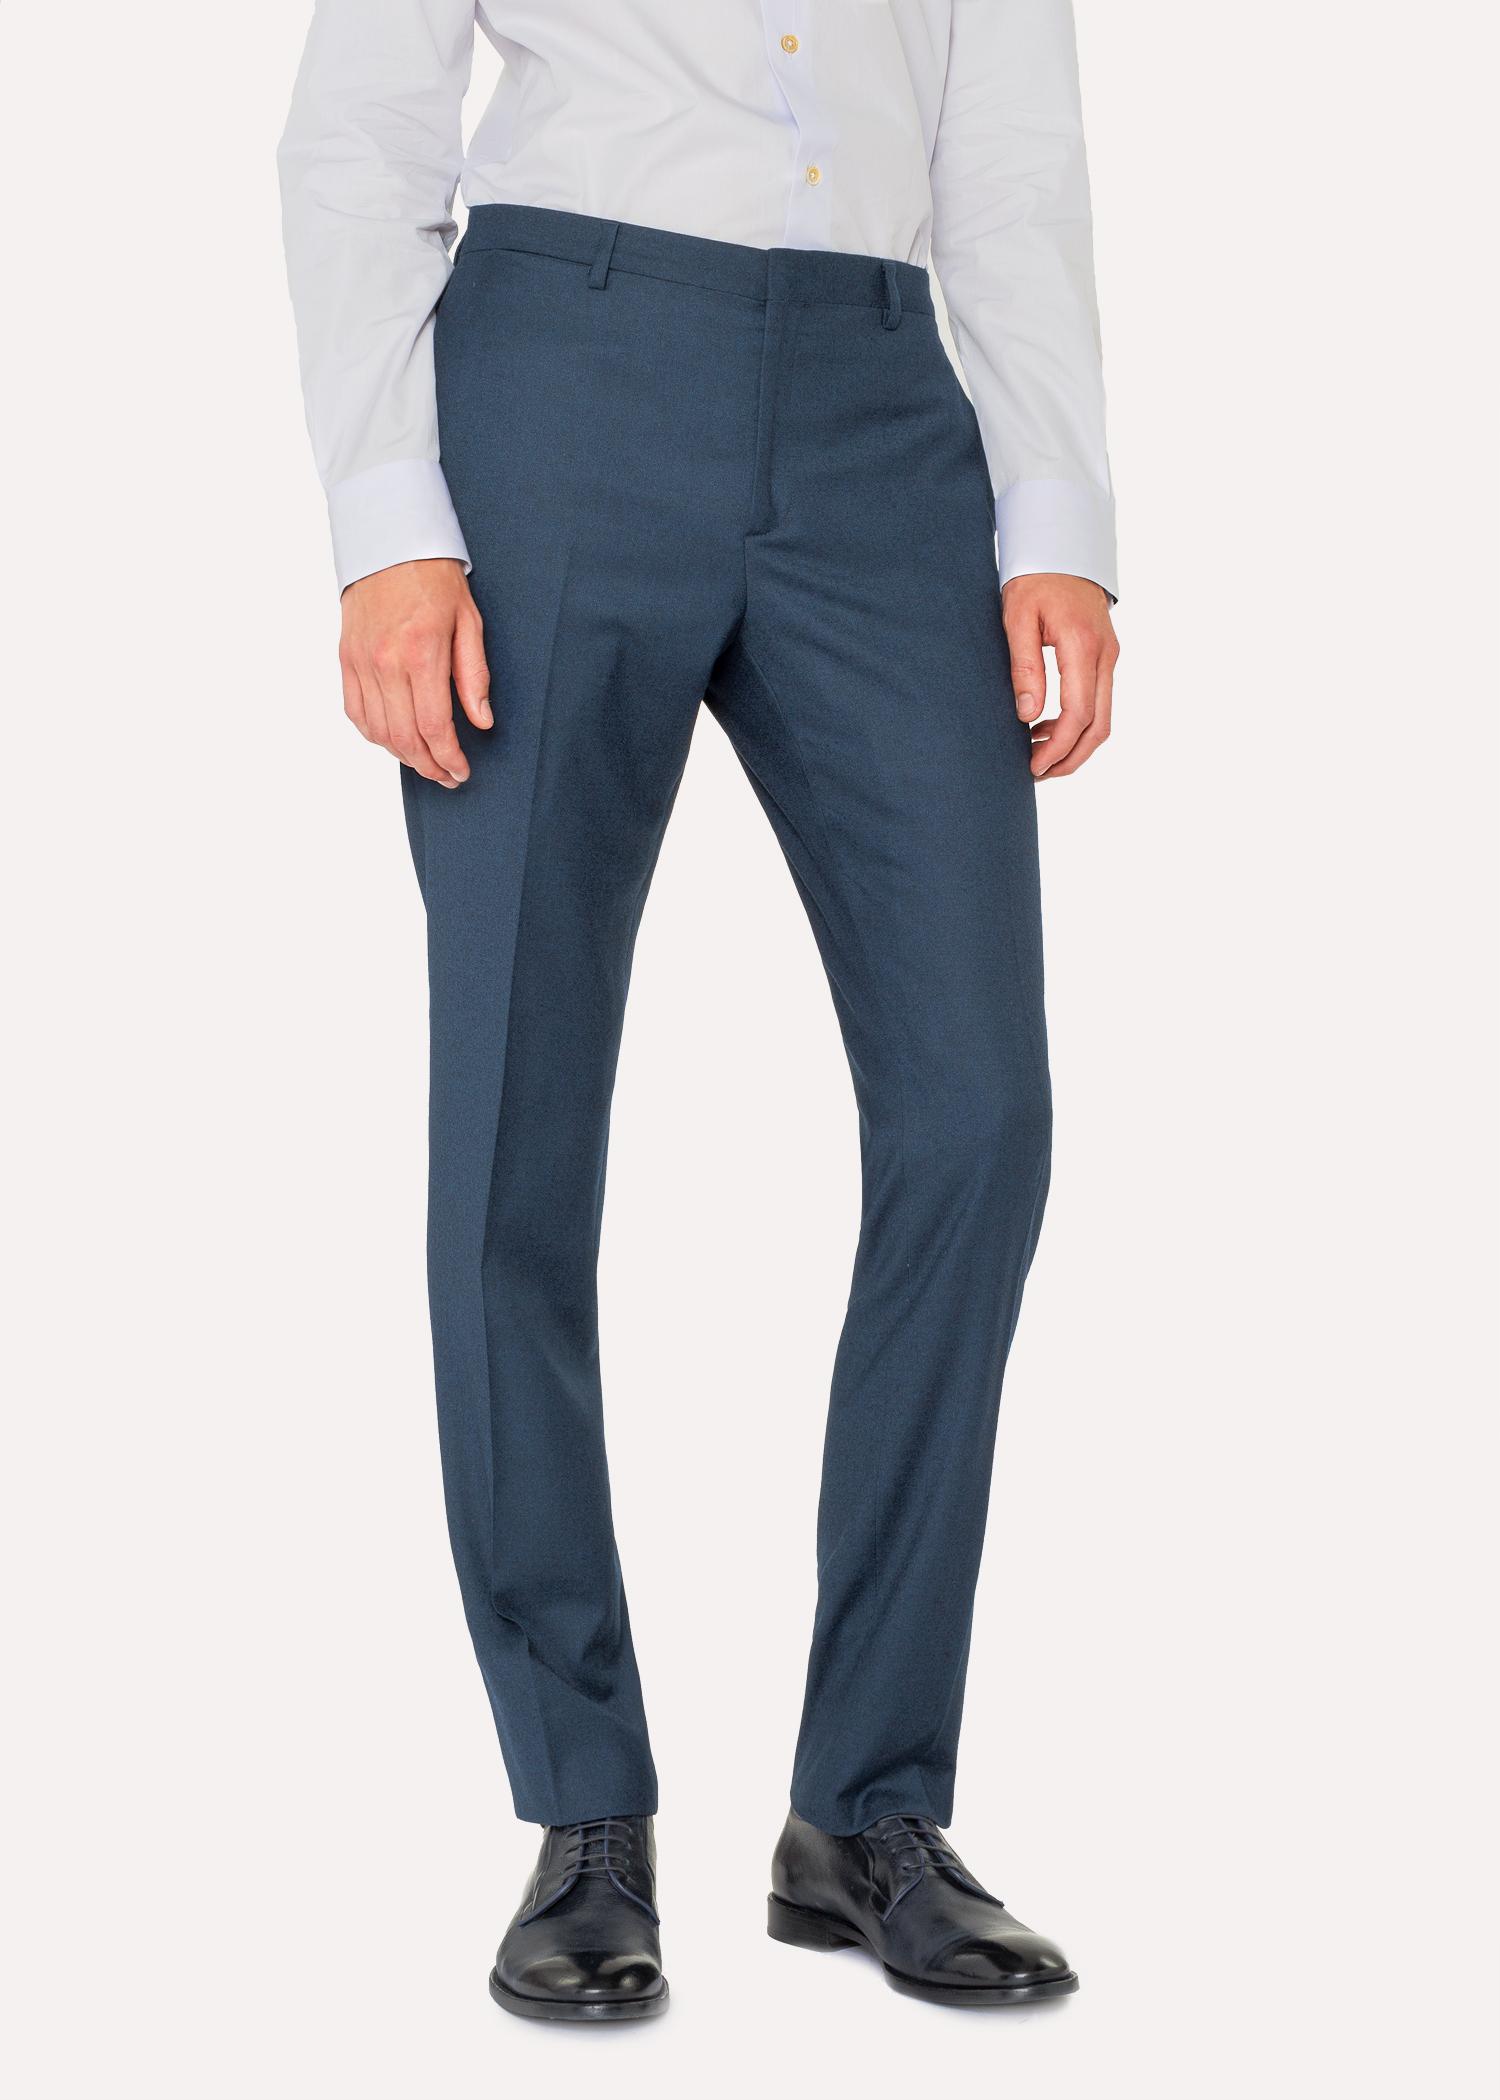 le kensington costume homme bleu p trole en laine et cachemire coupe slim paul smith francais. Black Bedroom Furniture Sets. Home Design Ideas